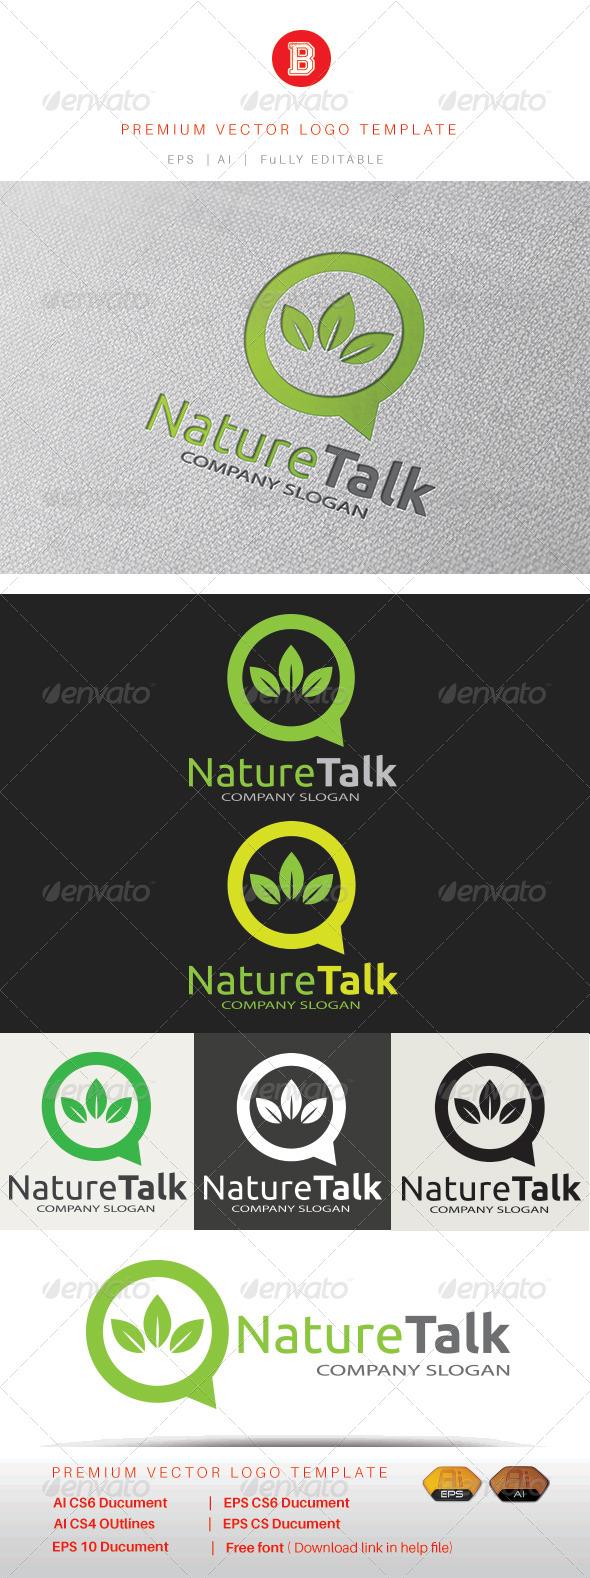 GraphicRiver Nature Talk 8403131